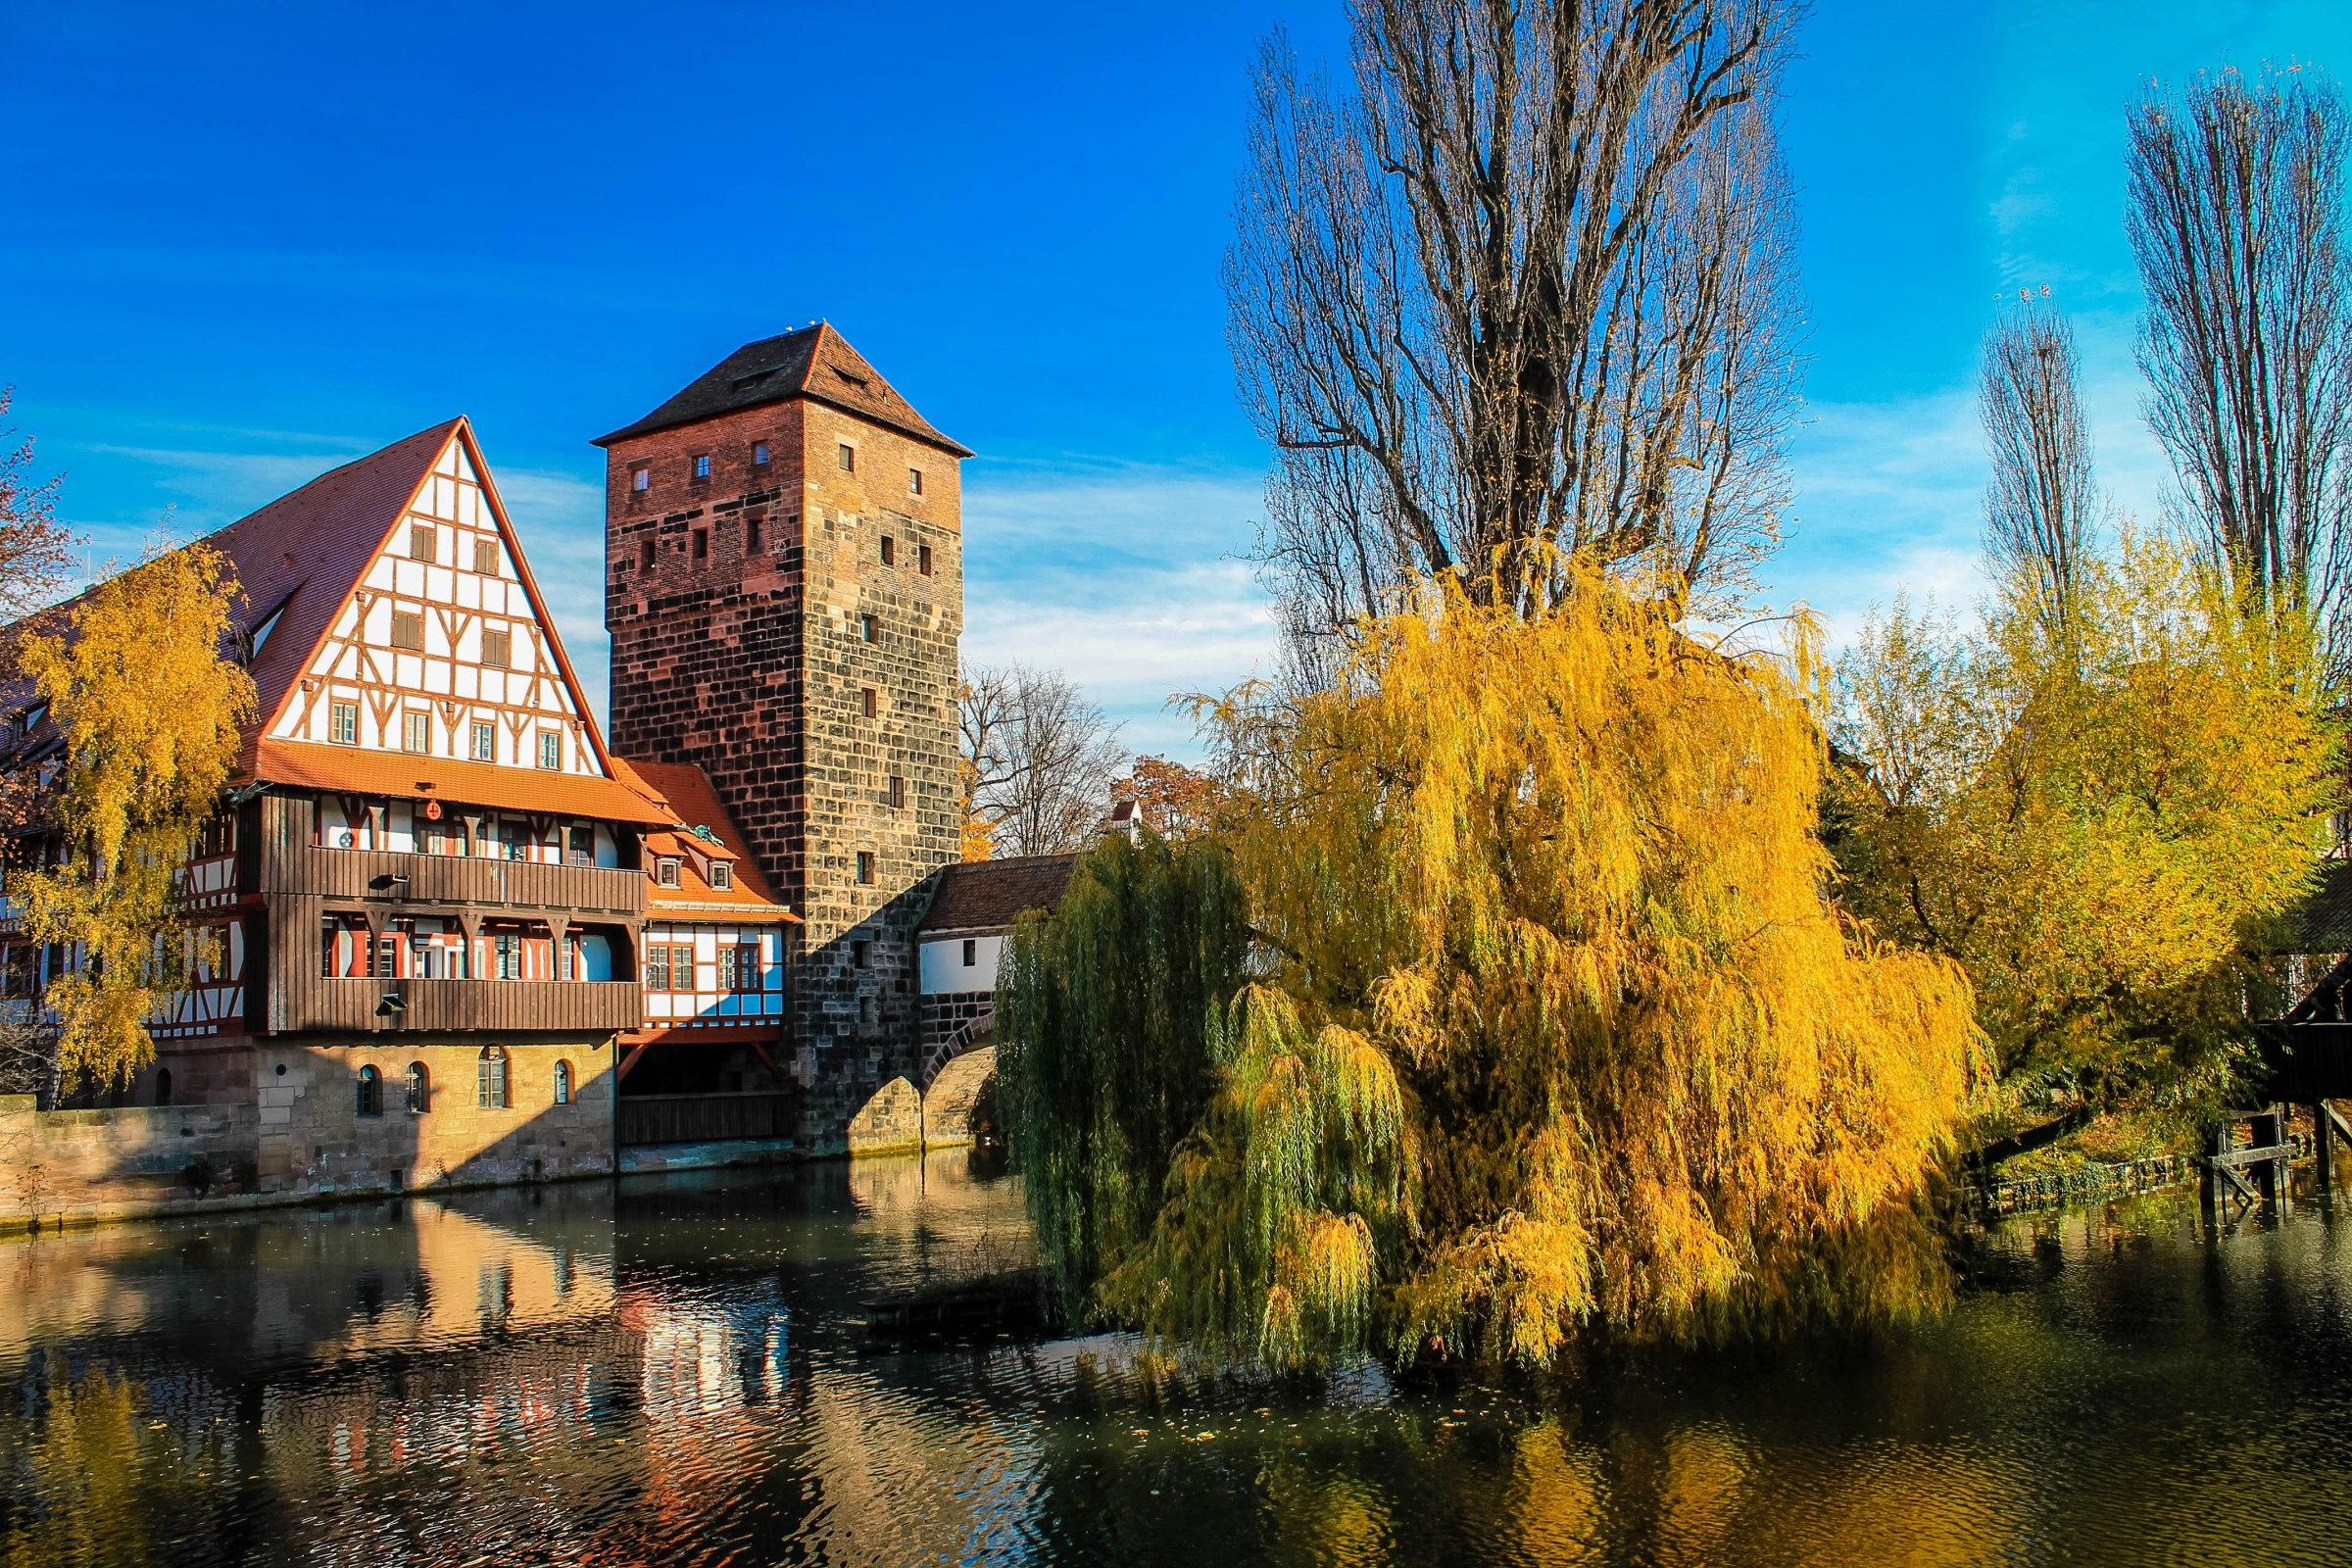 En voyage à Nuremberg en Allemagne, Pegnitz et maisons à colombage.